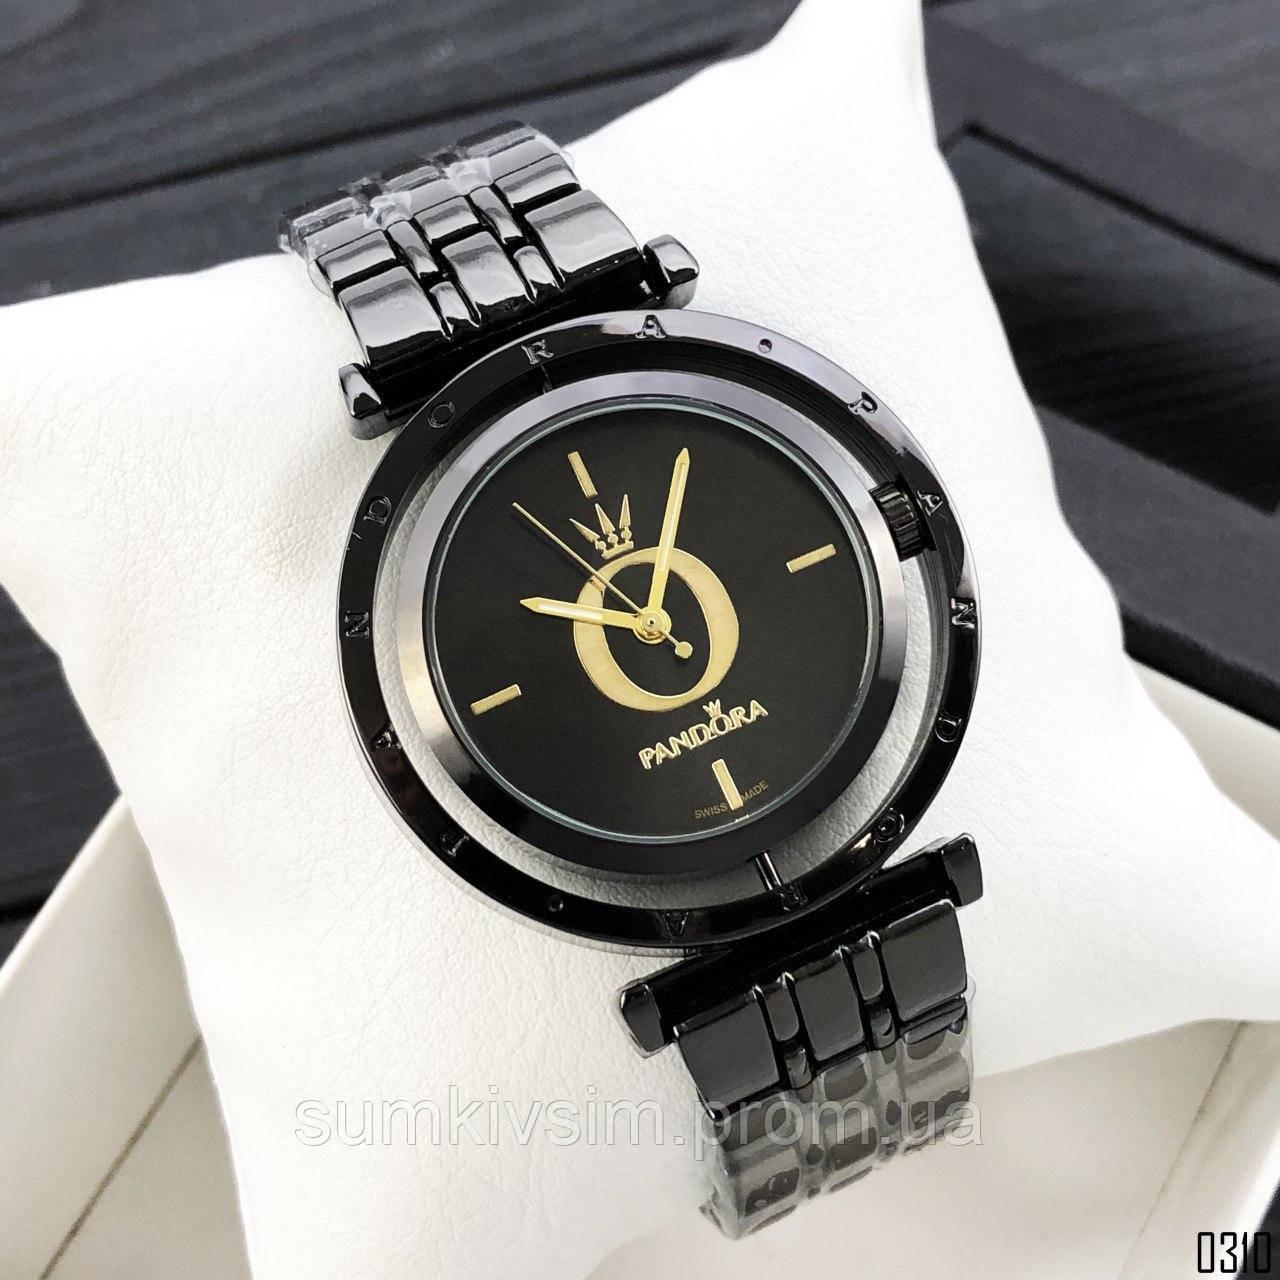 Женские наручные часы Pandora (копиверсия) черного цвета